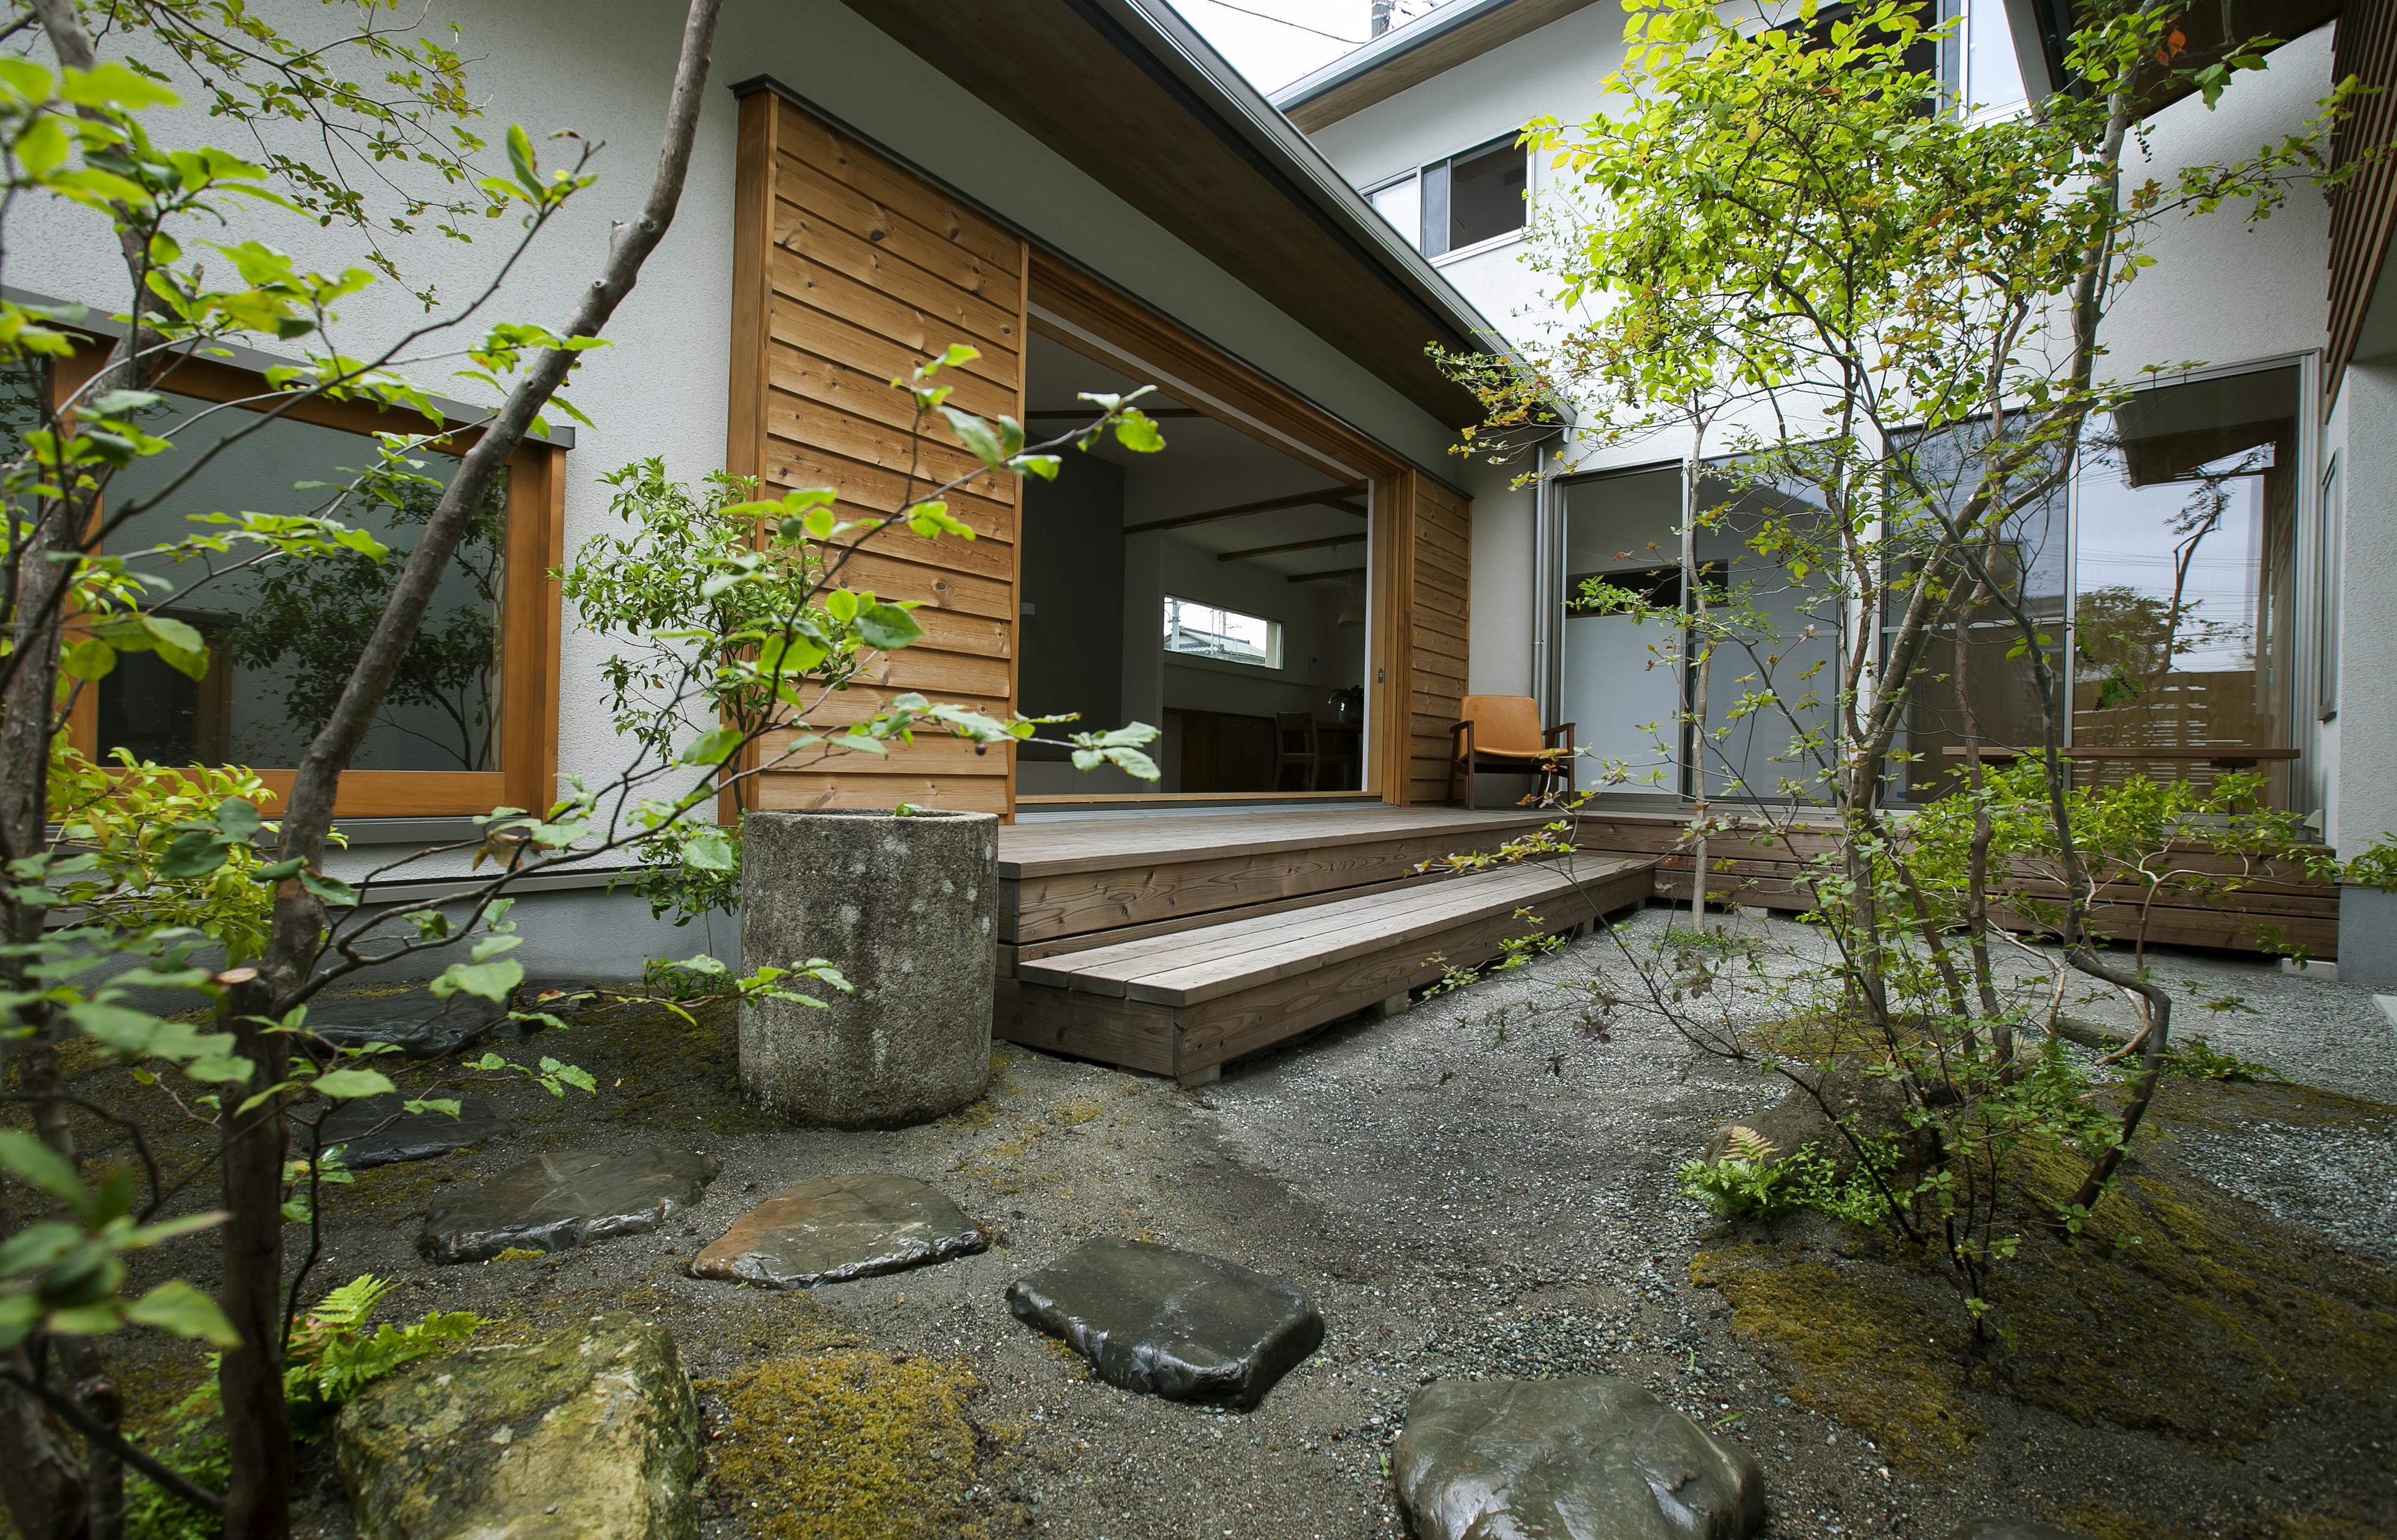 kotokoto.一級建築士事務所【デザイン住宅、自然素材、間取り】中庭は、家のどの窓から見てもちがう表情。とても幹線道路沿いにあるとは思えない空間となっている。